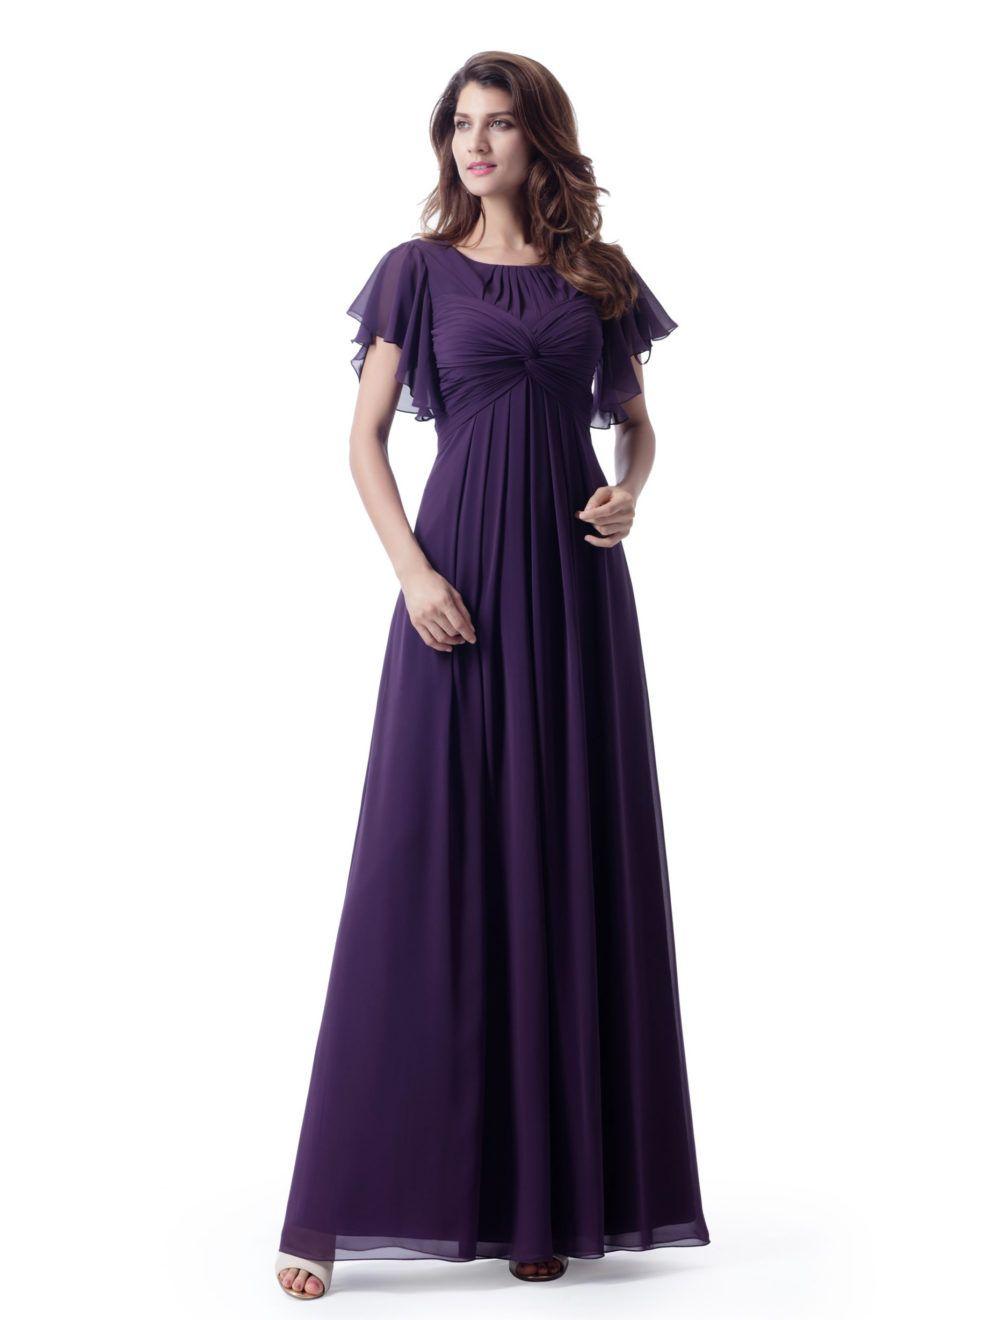 Lila a-line lange bescheidene Brautjungfernkleider mit Flatternhülsen geraffte Chiffon Knöchellänge lds Brautjungfer Robes mit Empire Taille